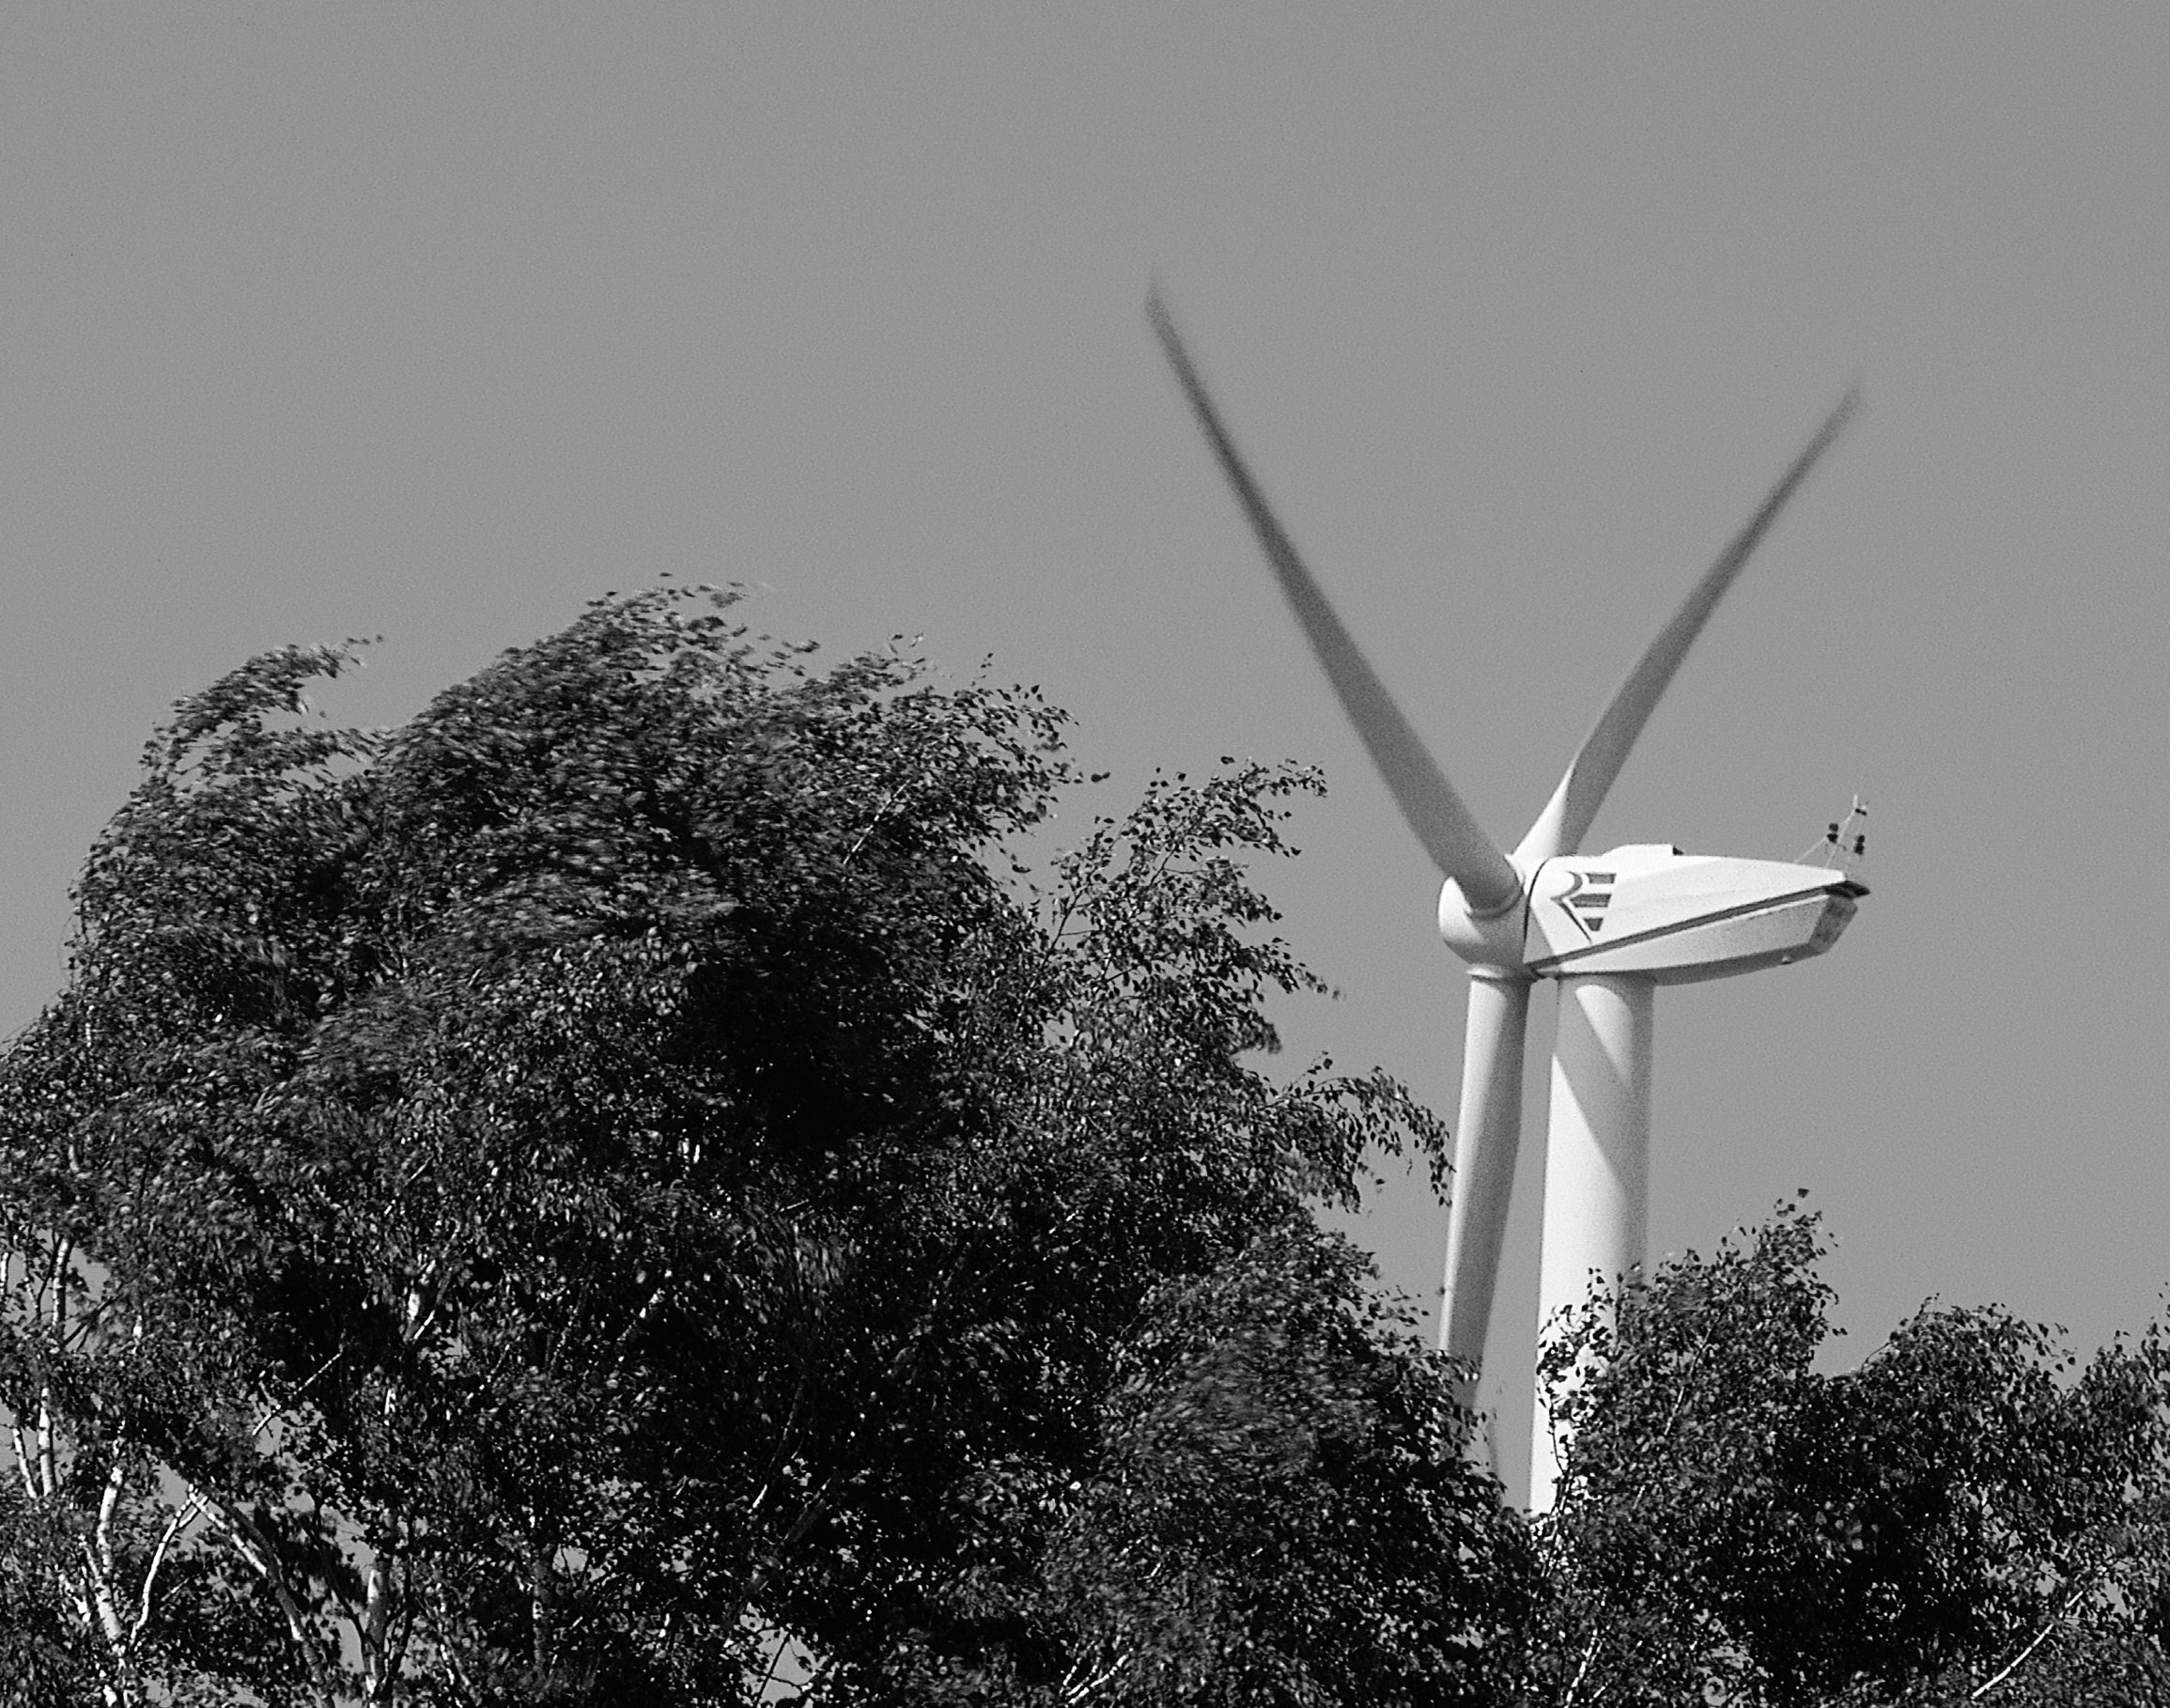 Windwerk image